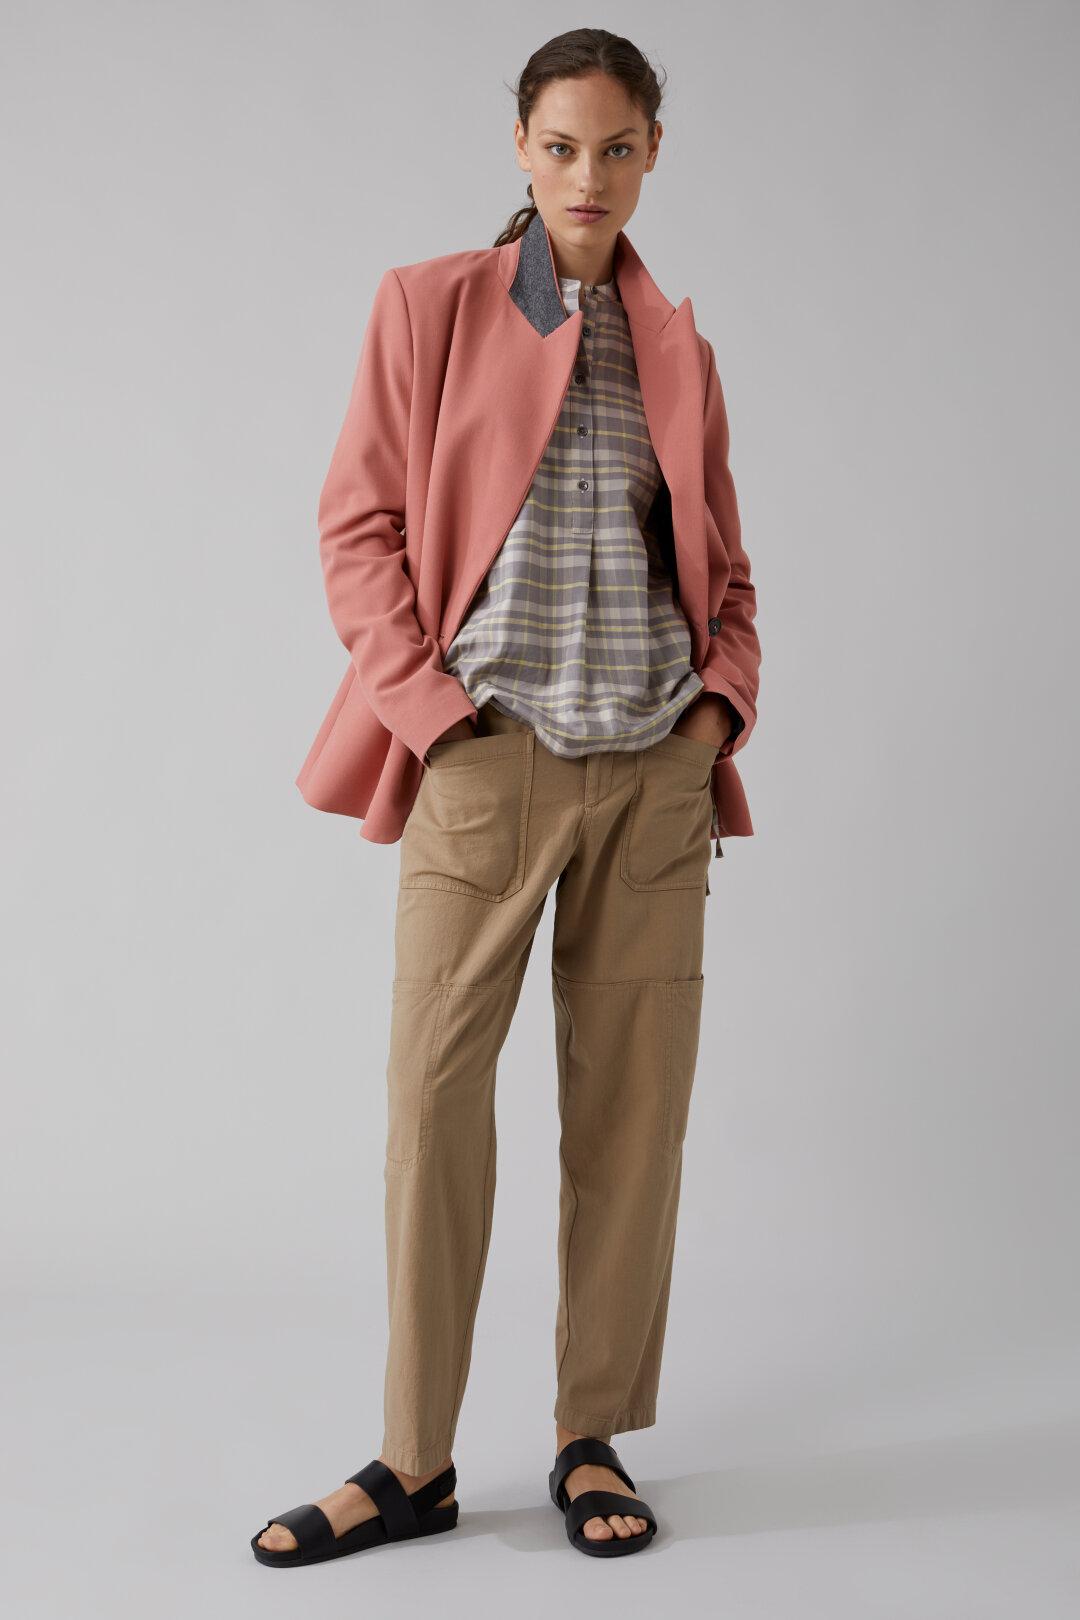 Pantalon de coton Sissie